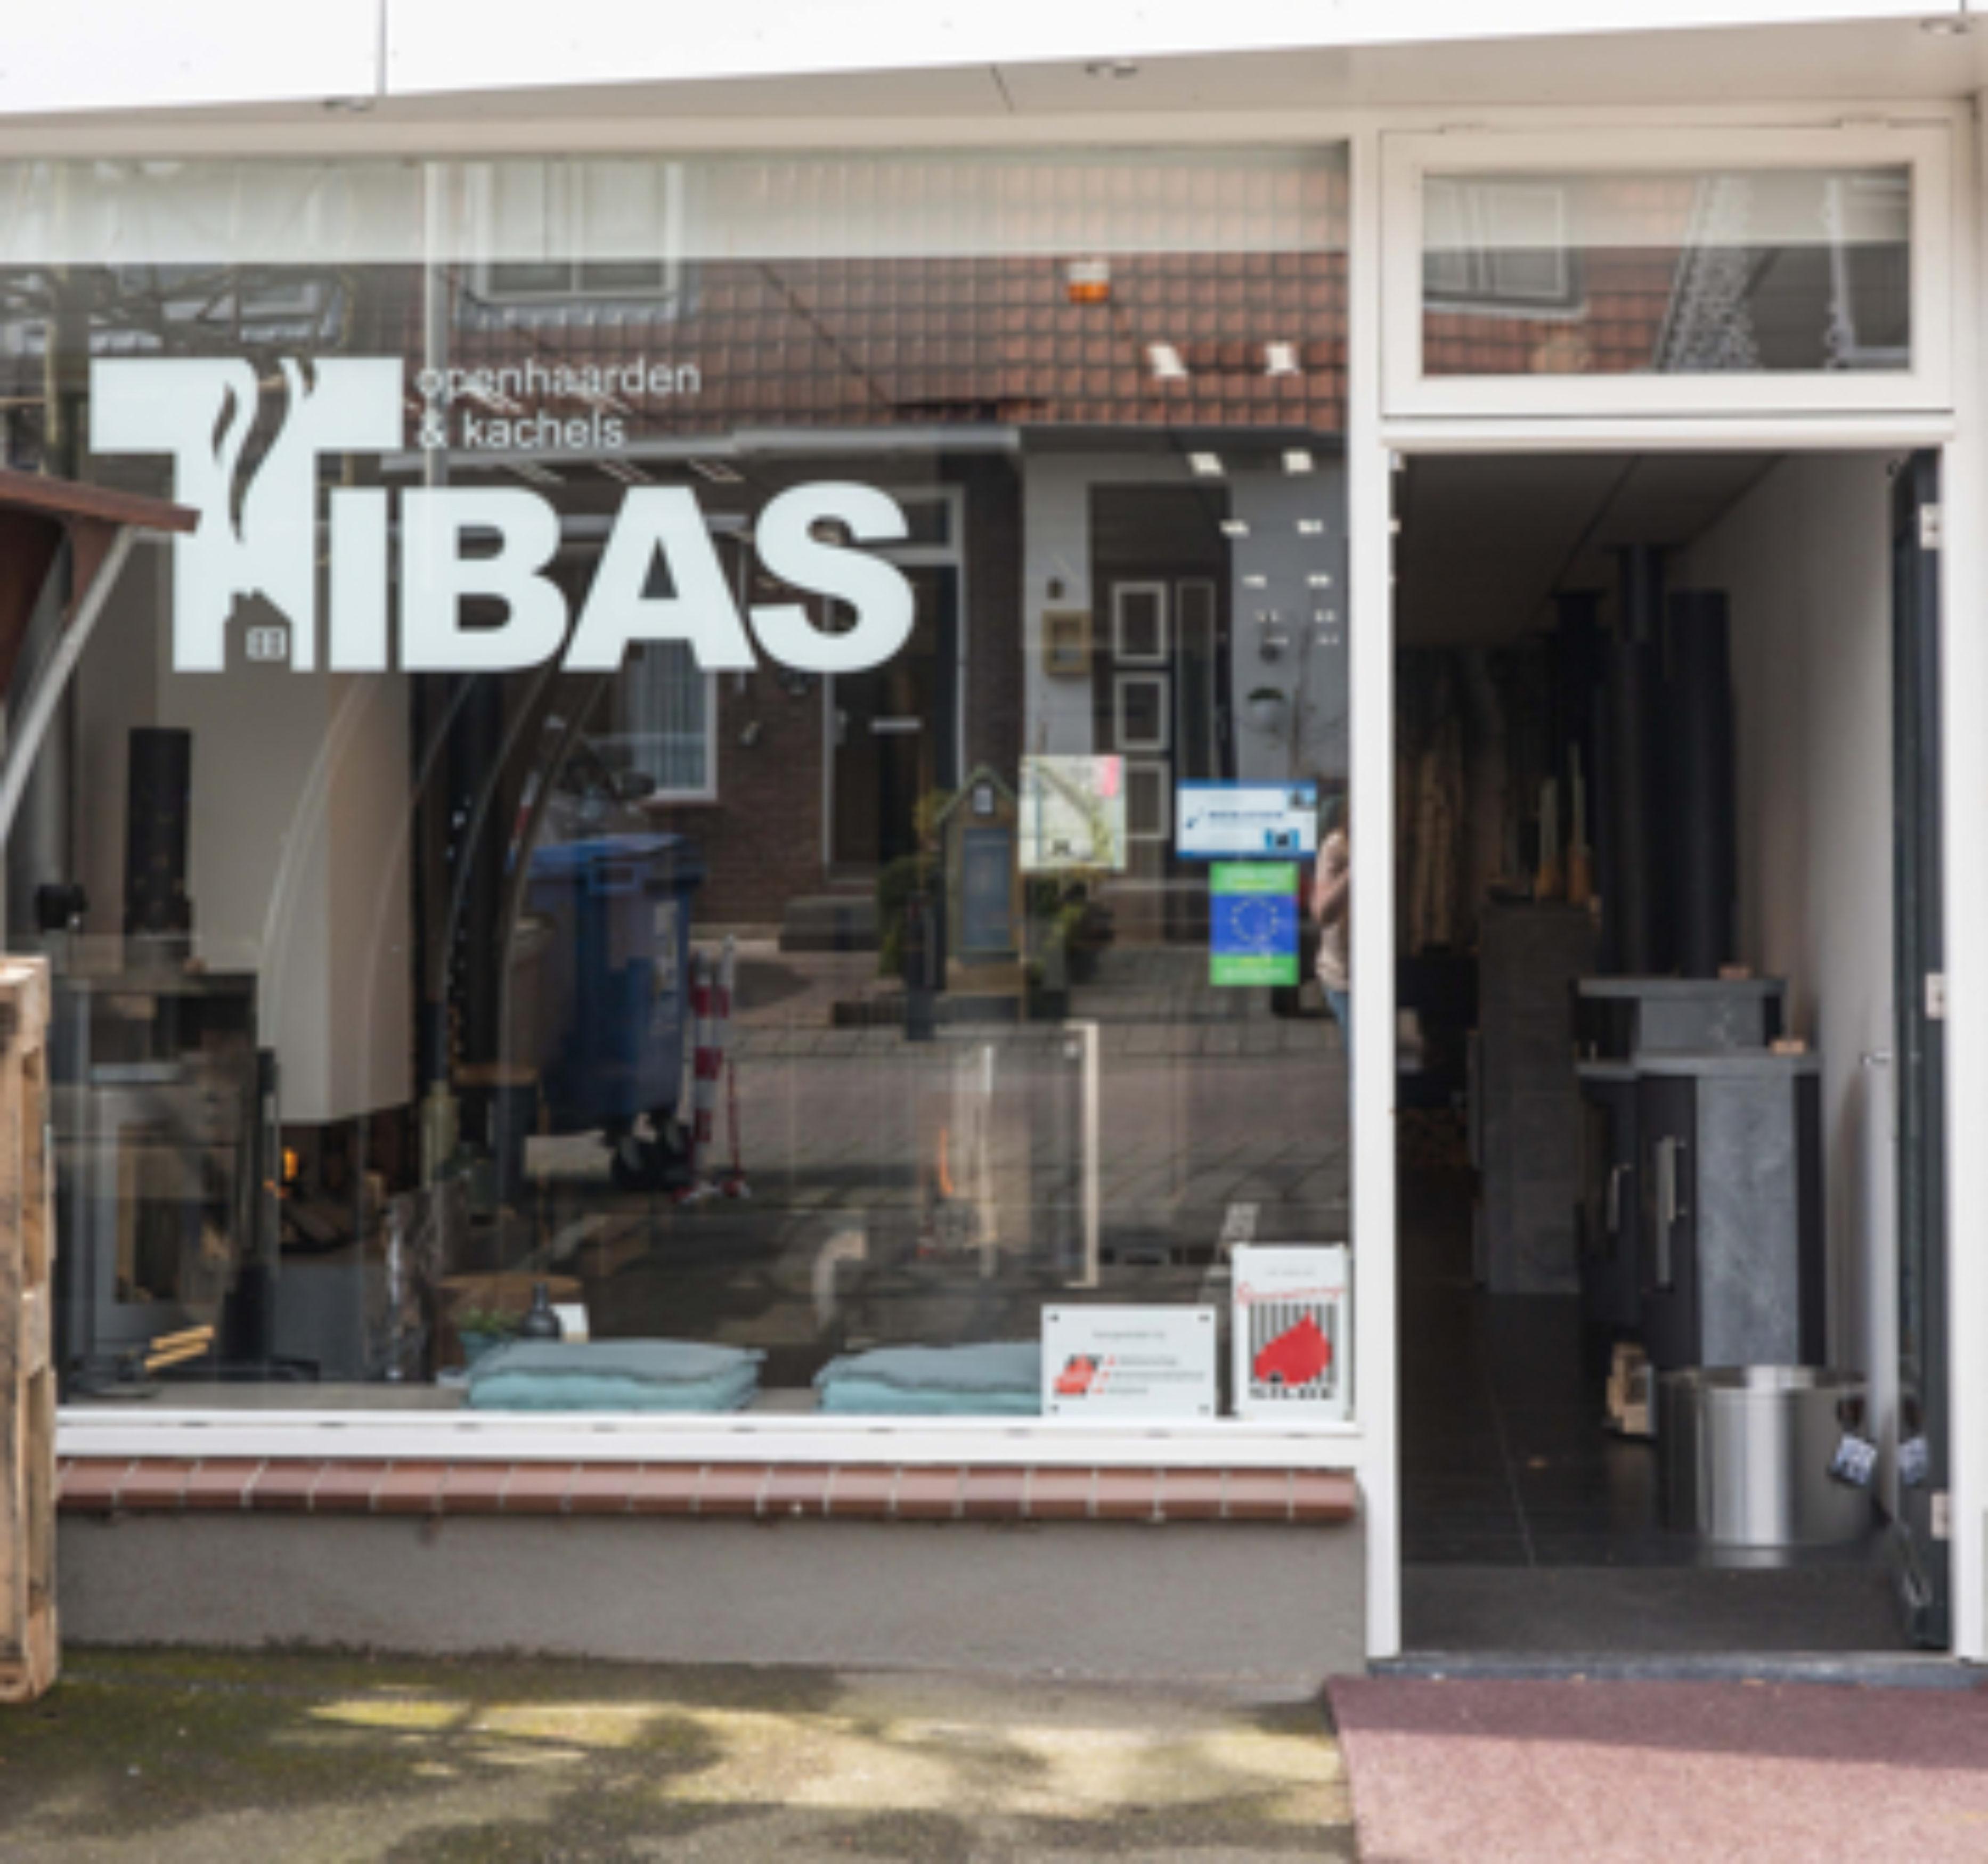 tibas-haarden-kachels-gouda-showroom-81